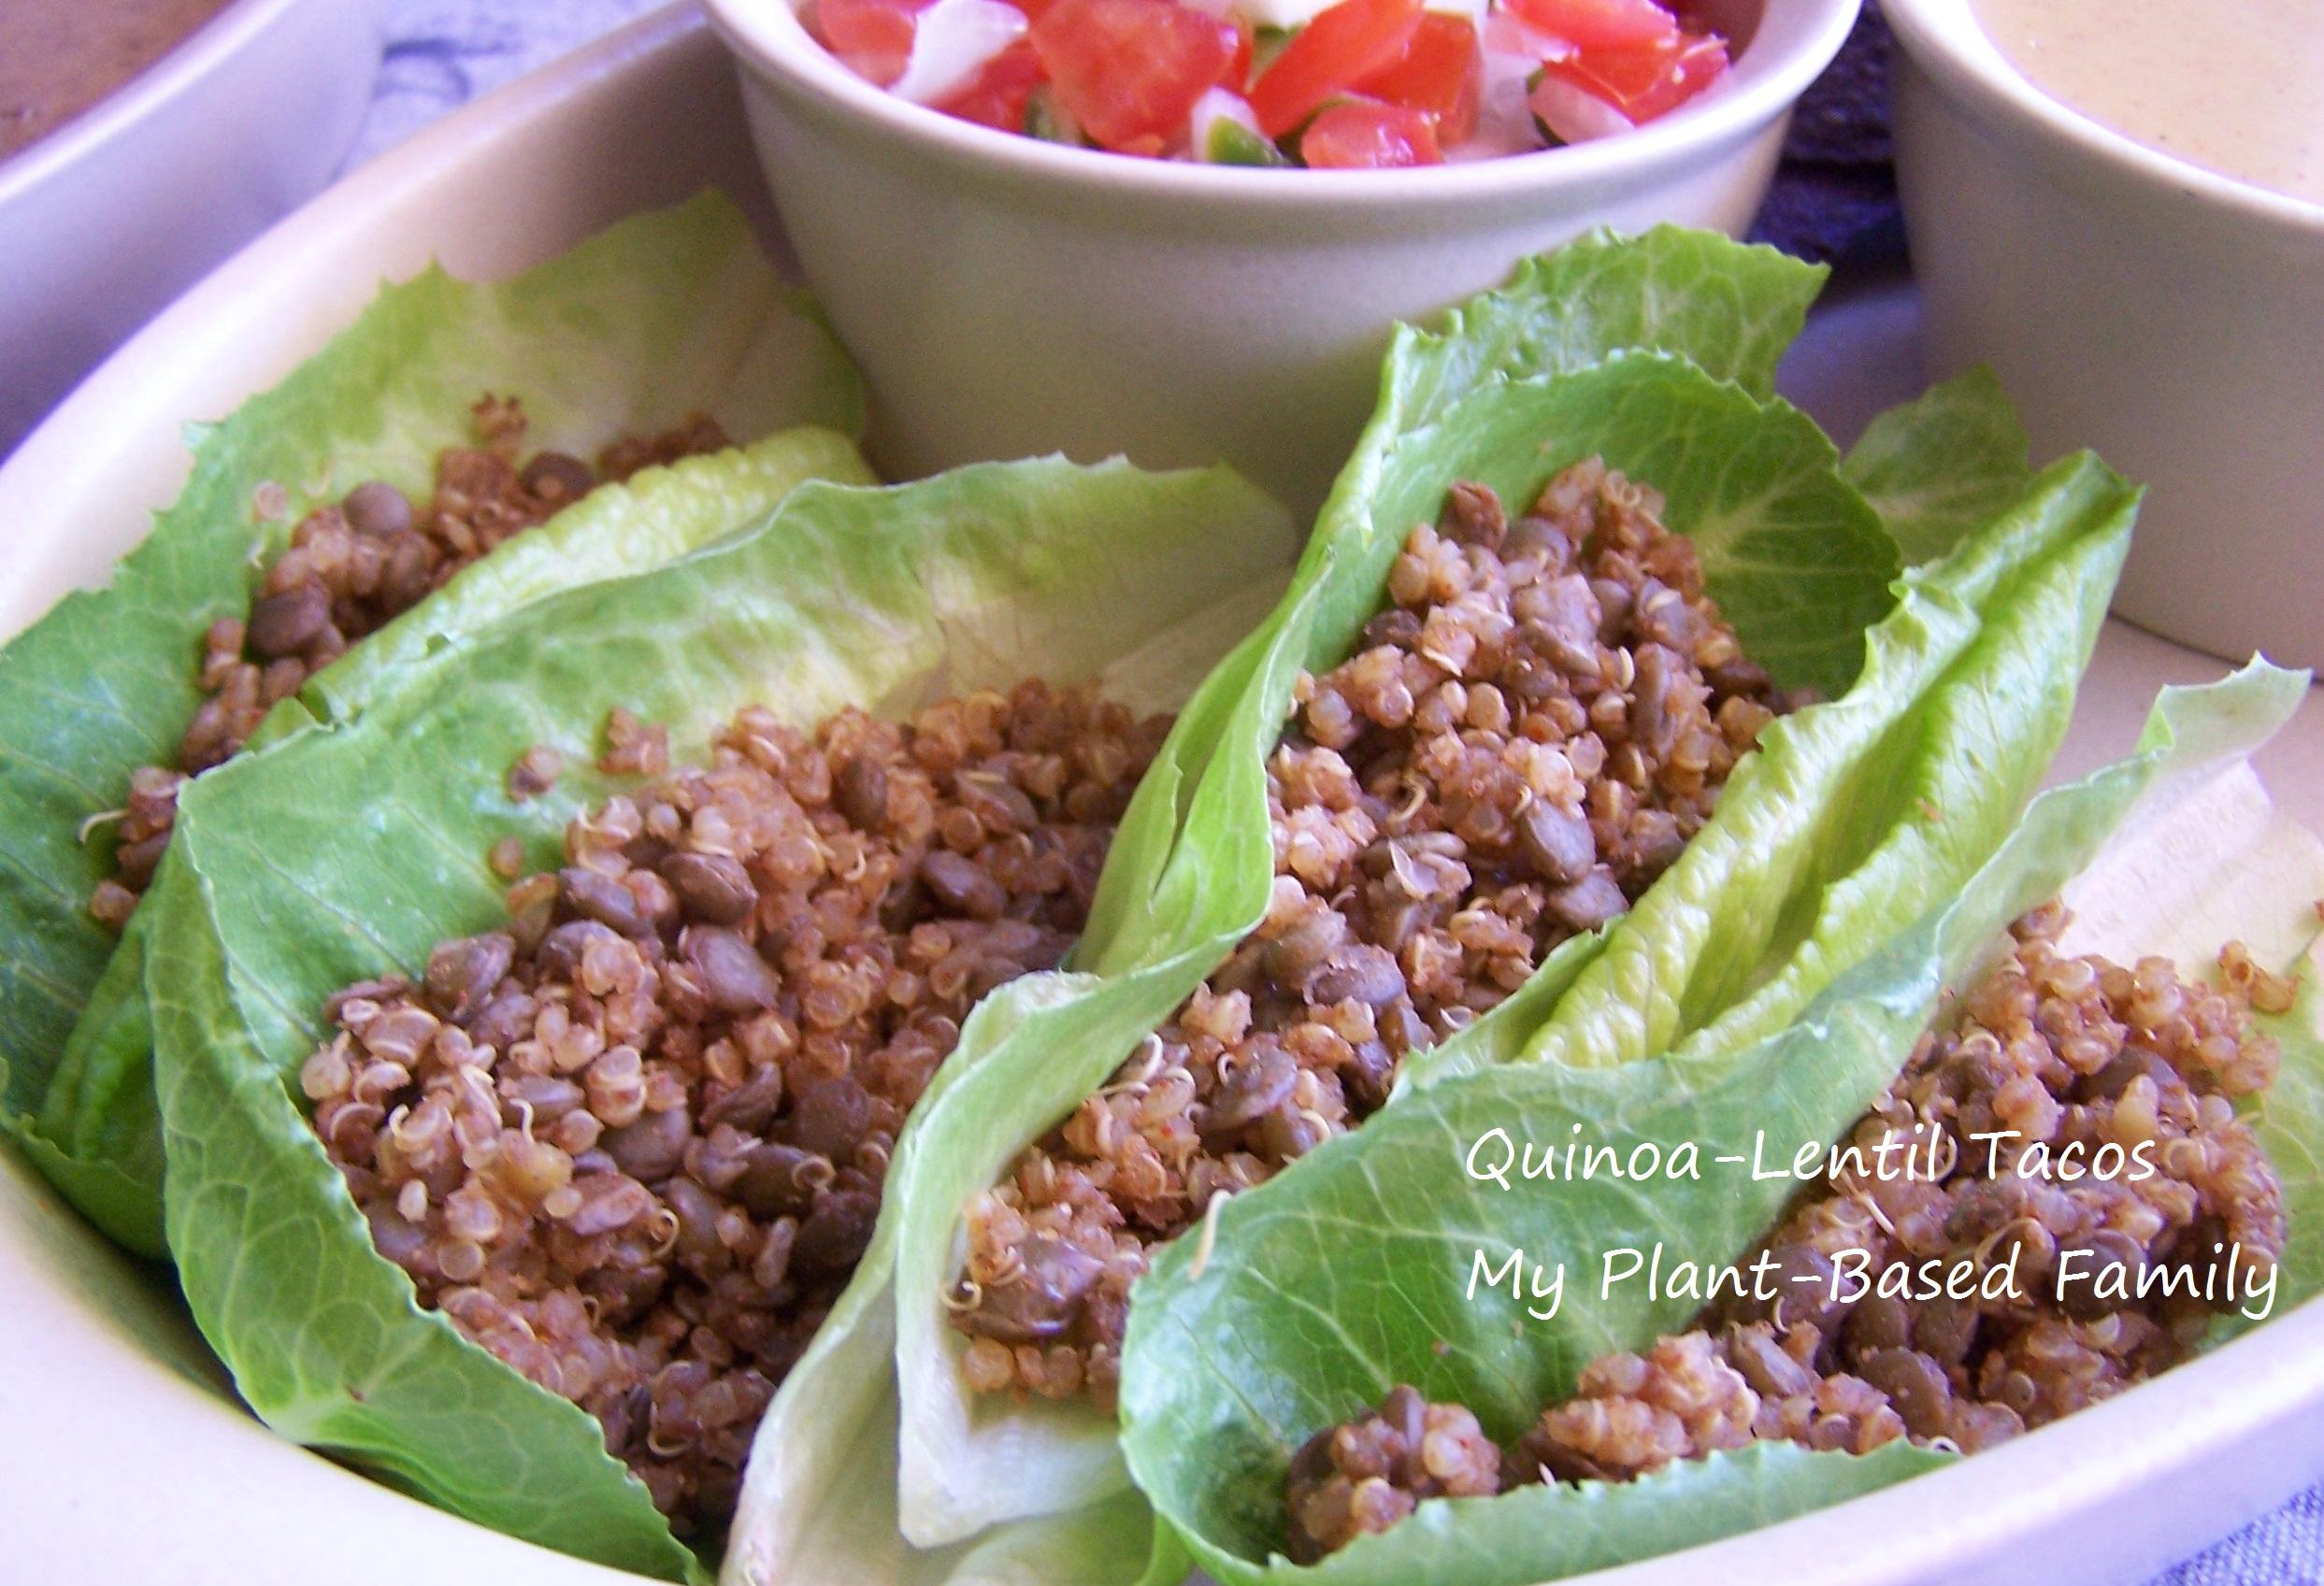 Quinoa-Lentil Tacos